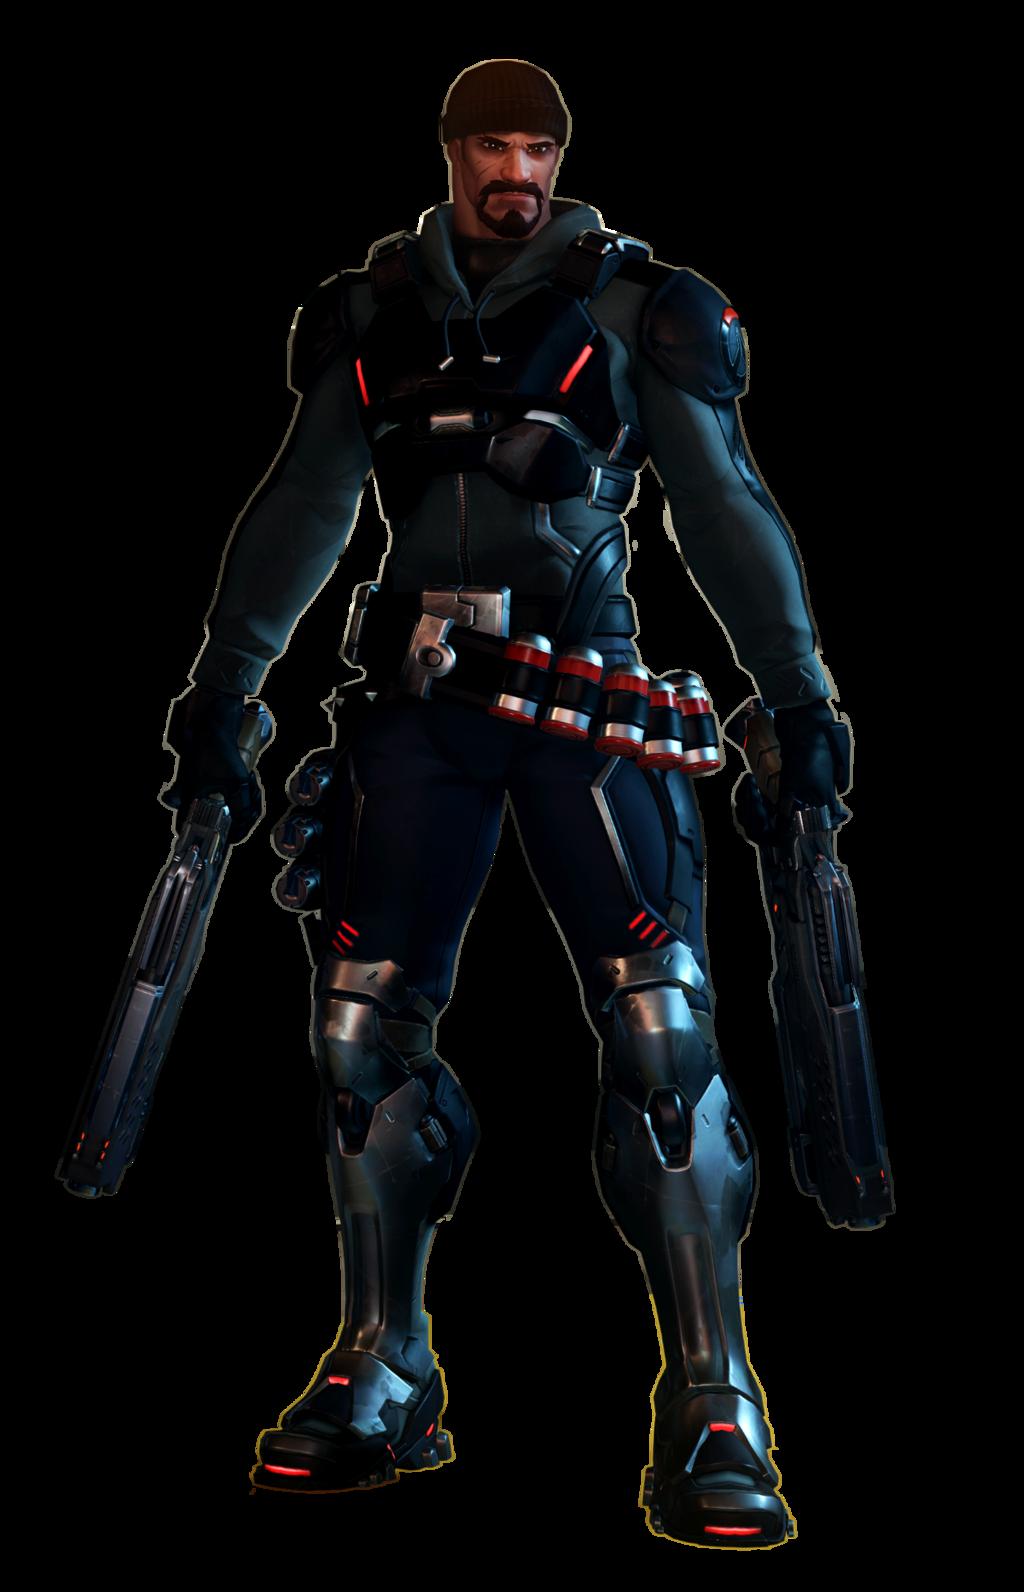 Overwatch Blackwatch Reyes Reaper Render By Popokupingupop90 Daj11fk Png 1024 1592 Overwatch Reaper Overwatch Reaper